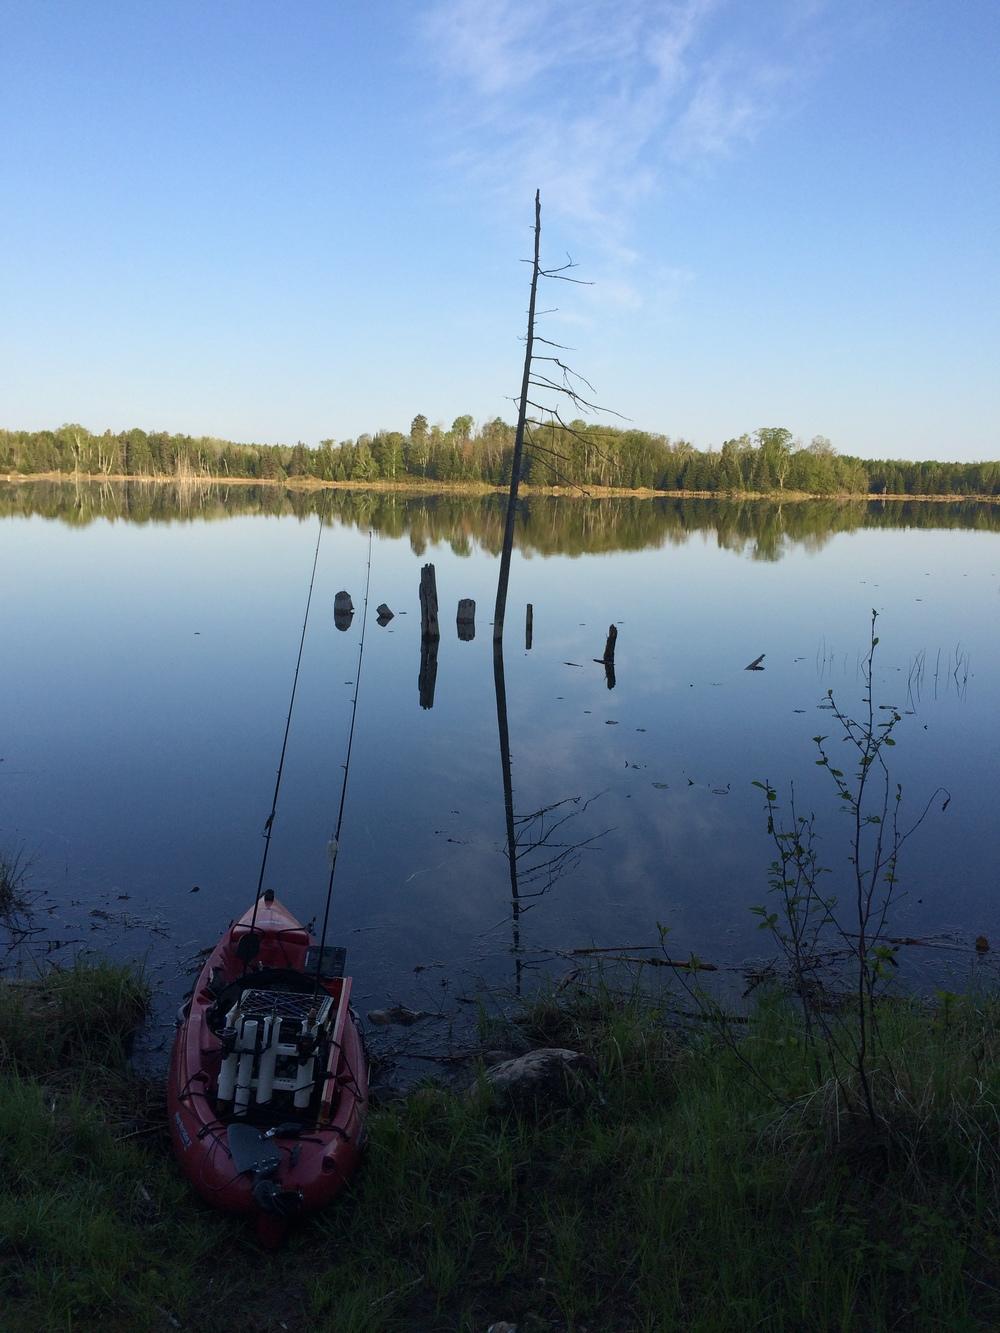 A sunrise launch on a small Minnesota Lake